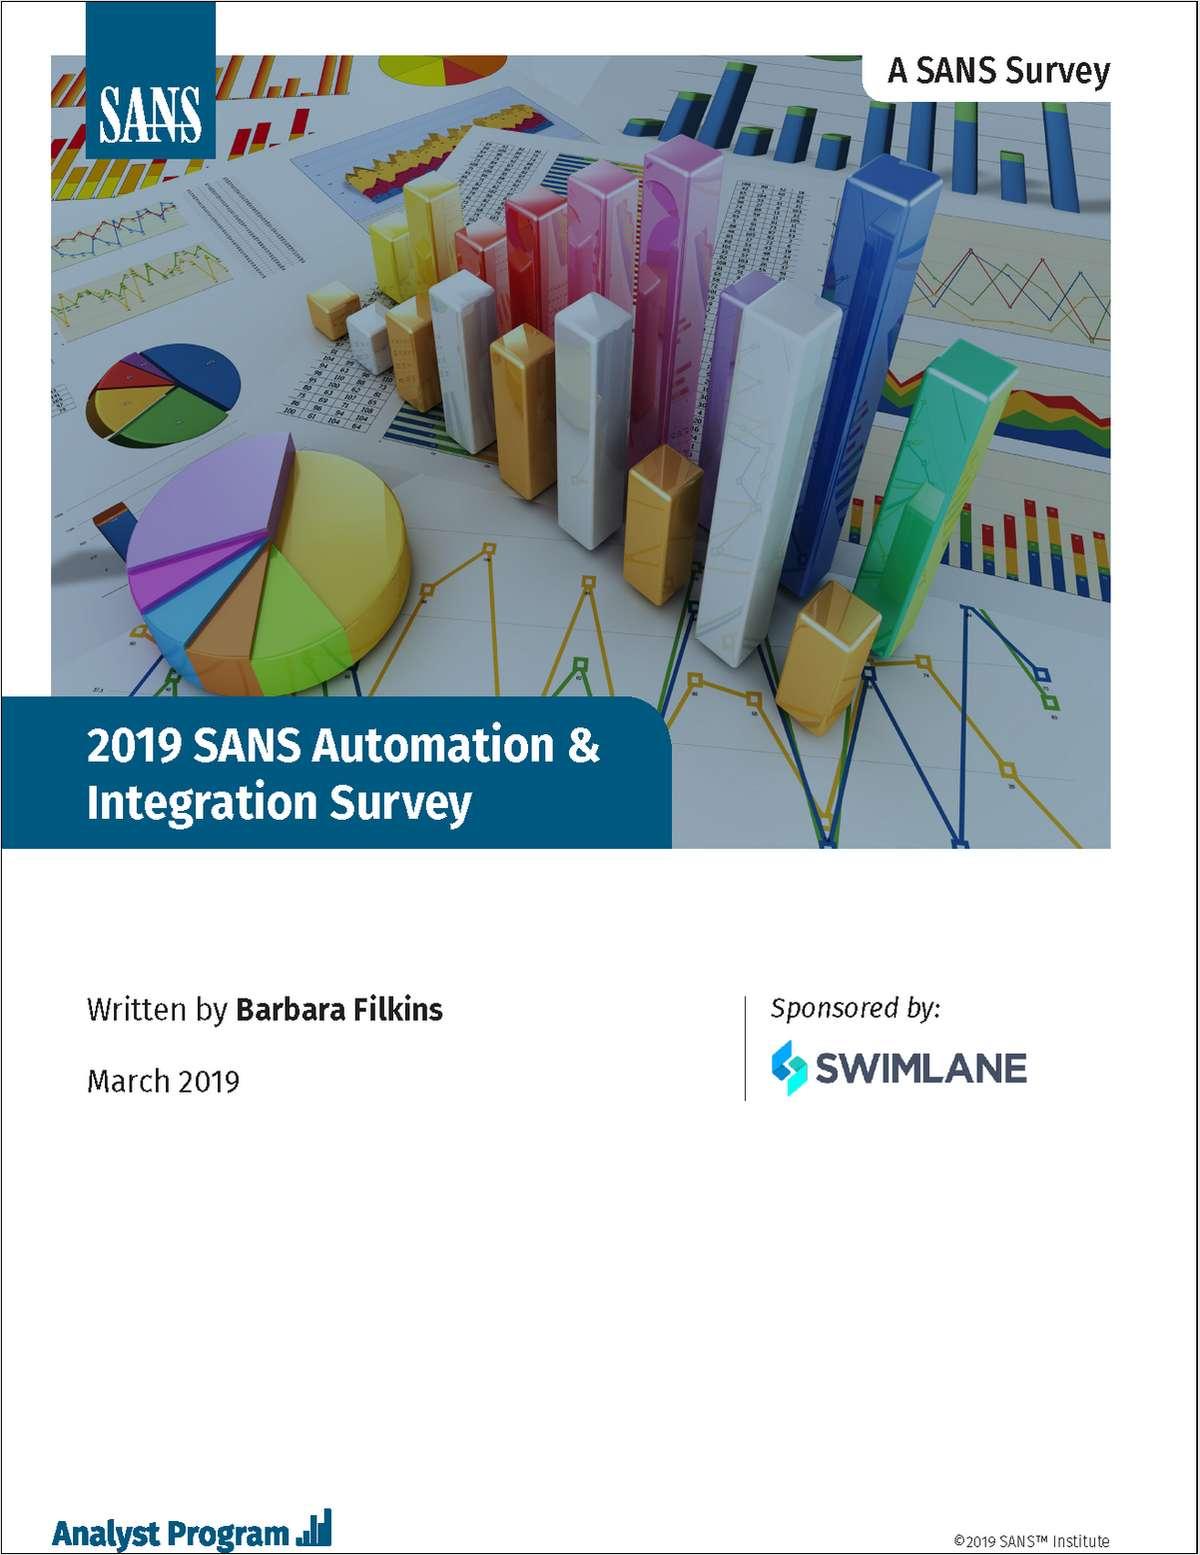 2019 SANS Automation and Integration Survey Report